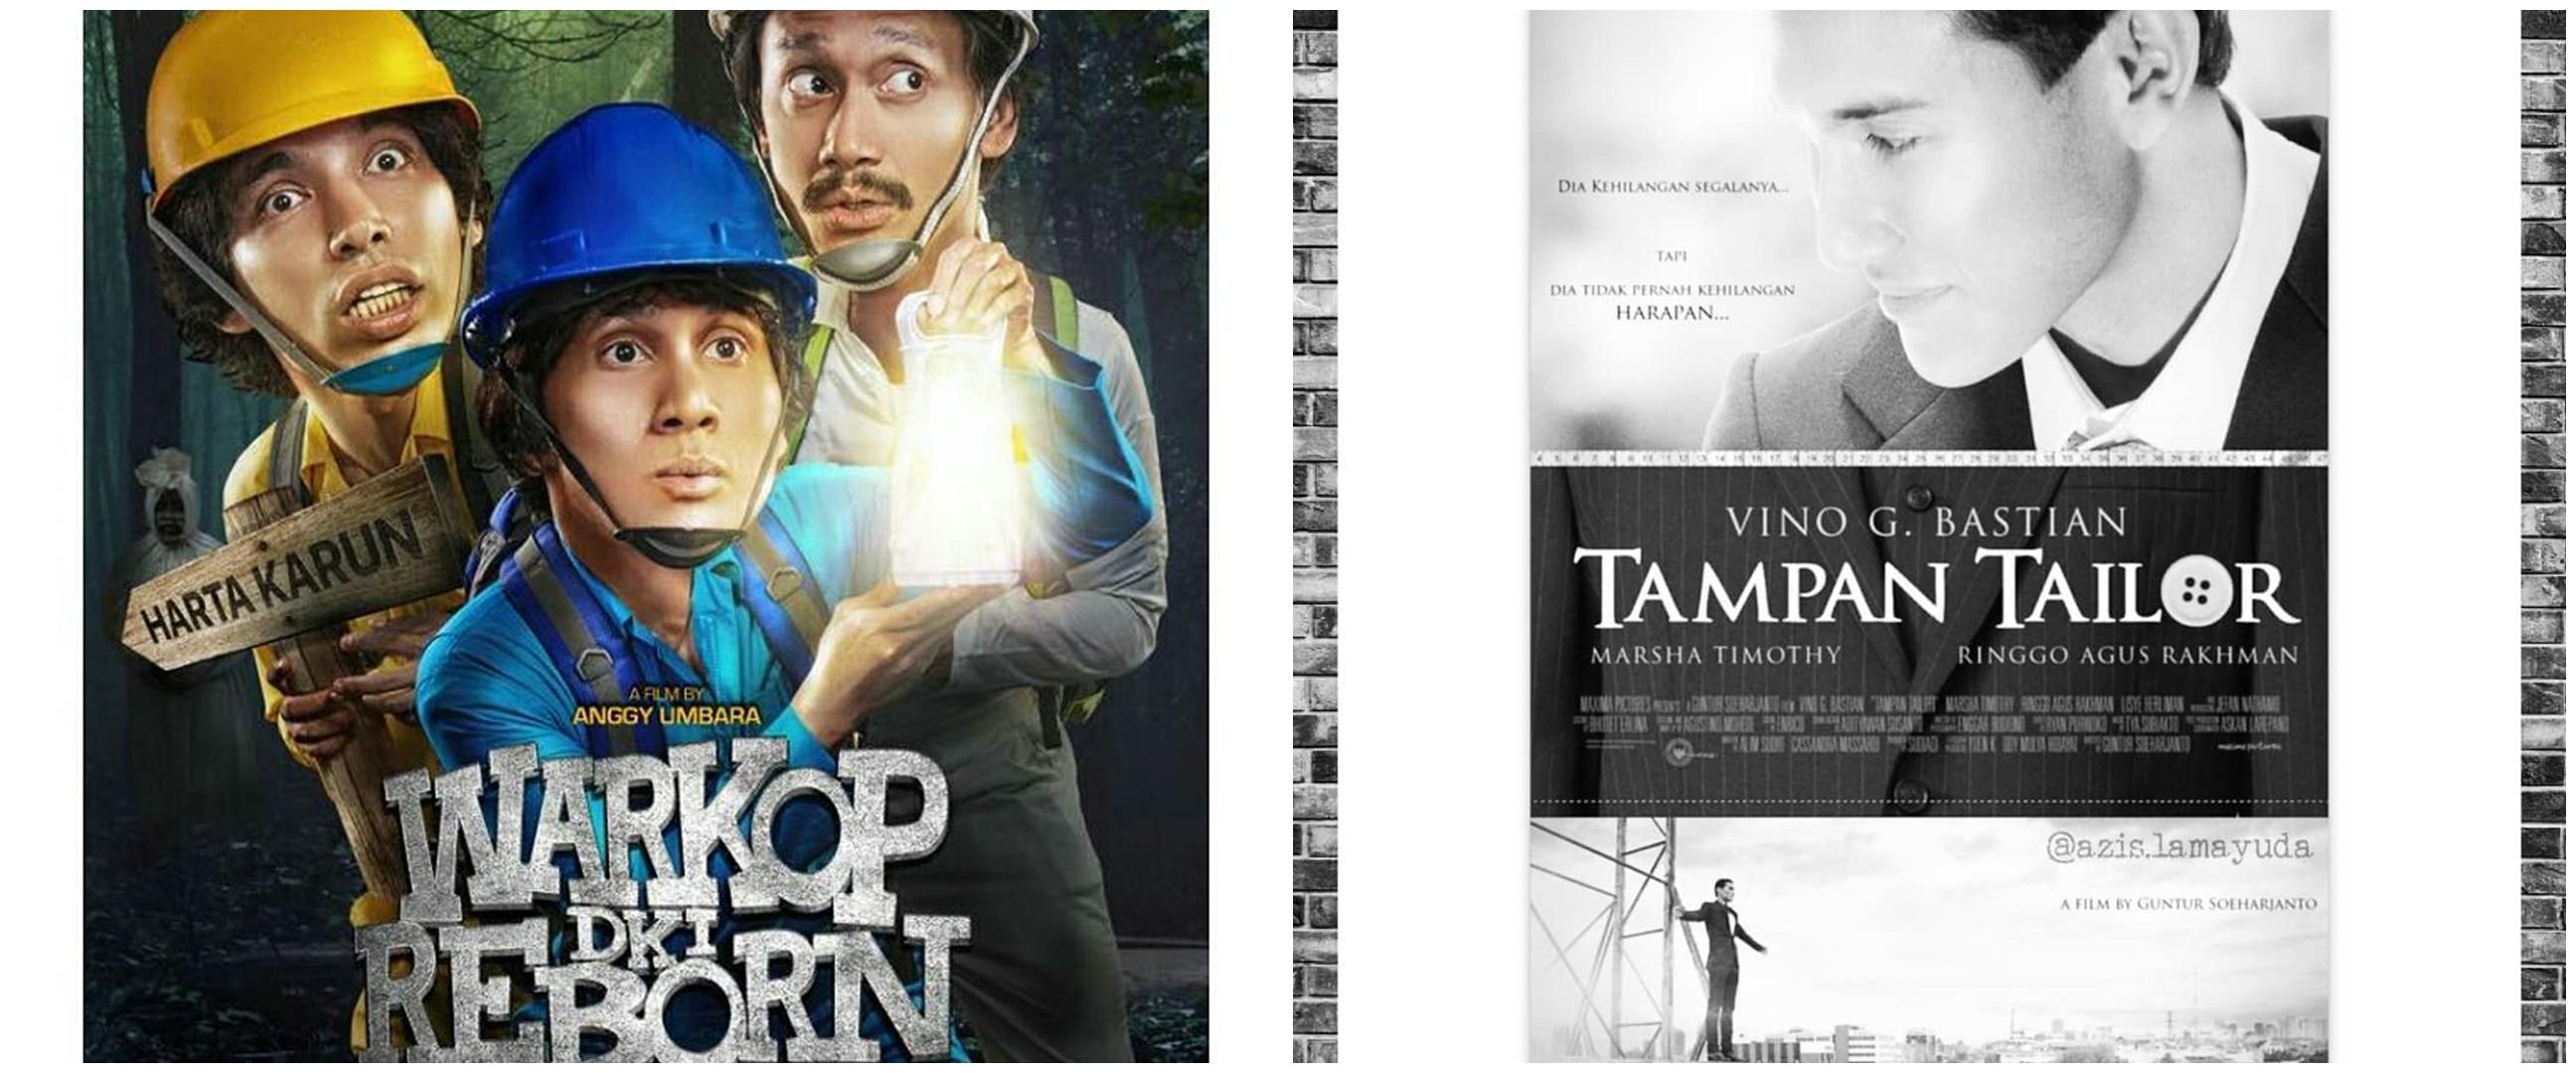 10 Film Indonesia terbaik dibintangi Vino G Bastian